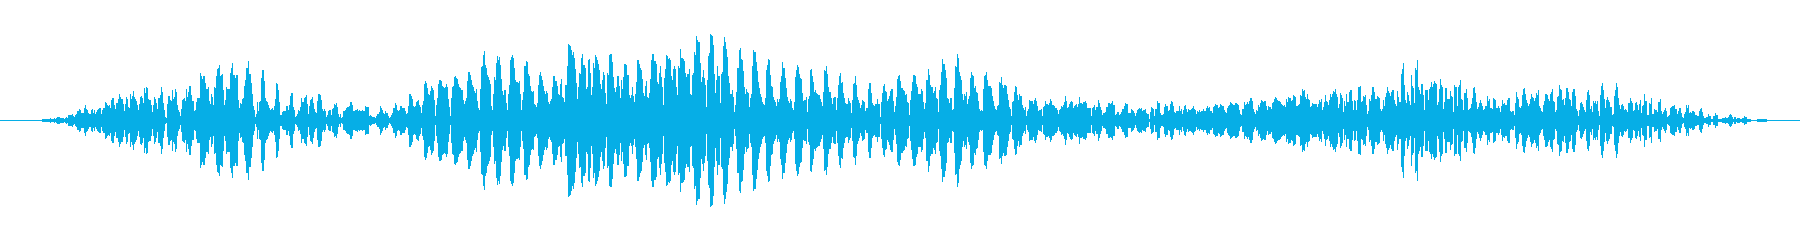 ゴロゴロと唸る怪獣の音(水中)の再生済みの波形